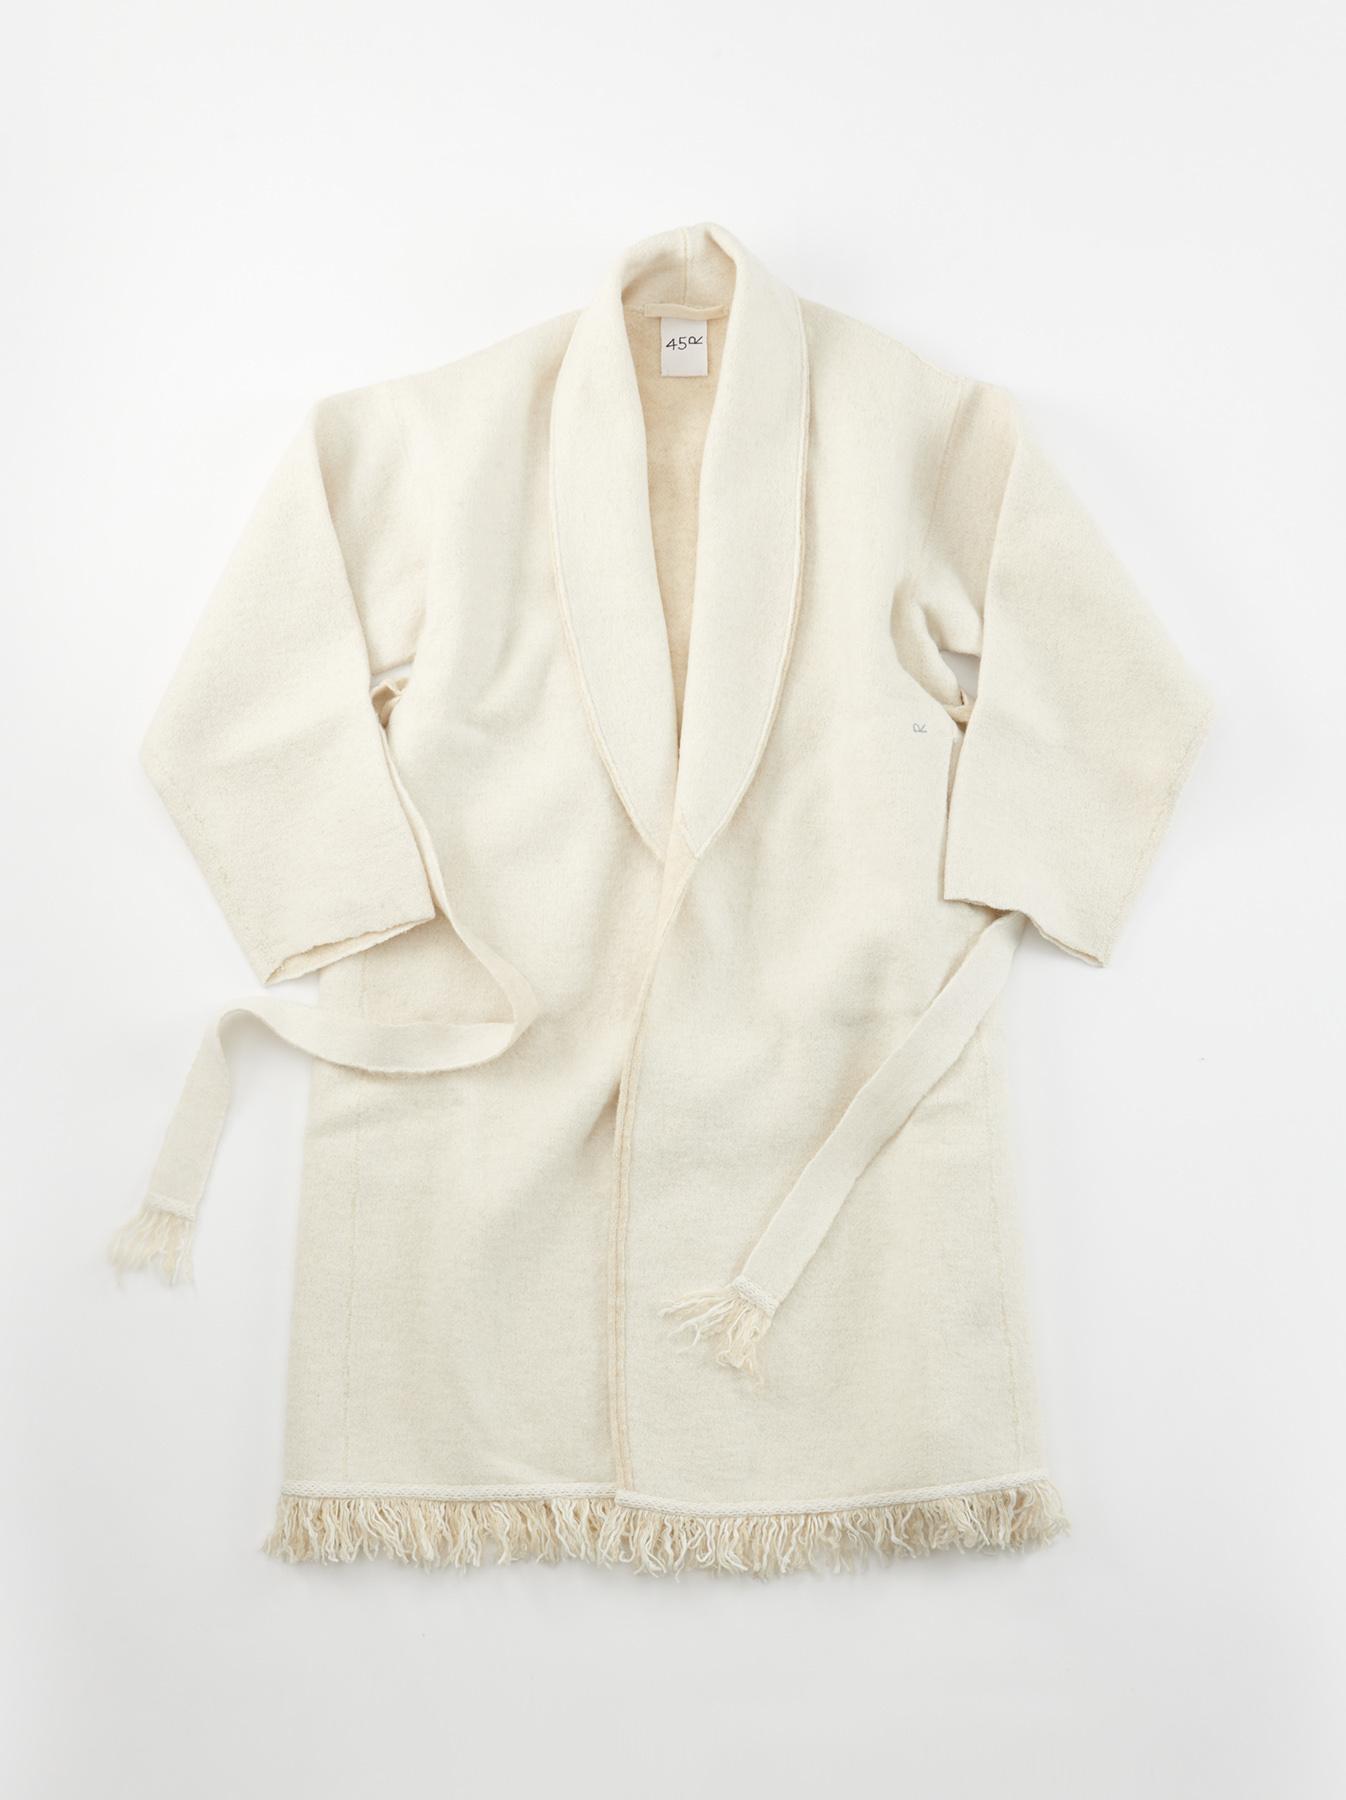 Boiled Knit 908 Cowichan Coat-6